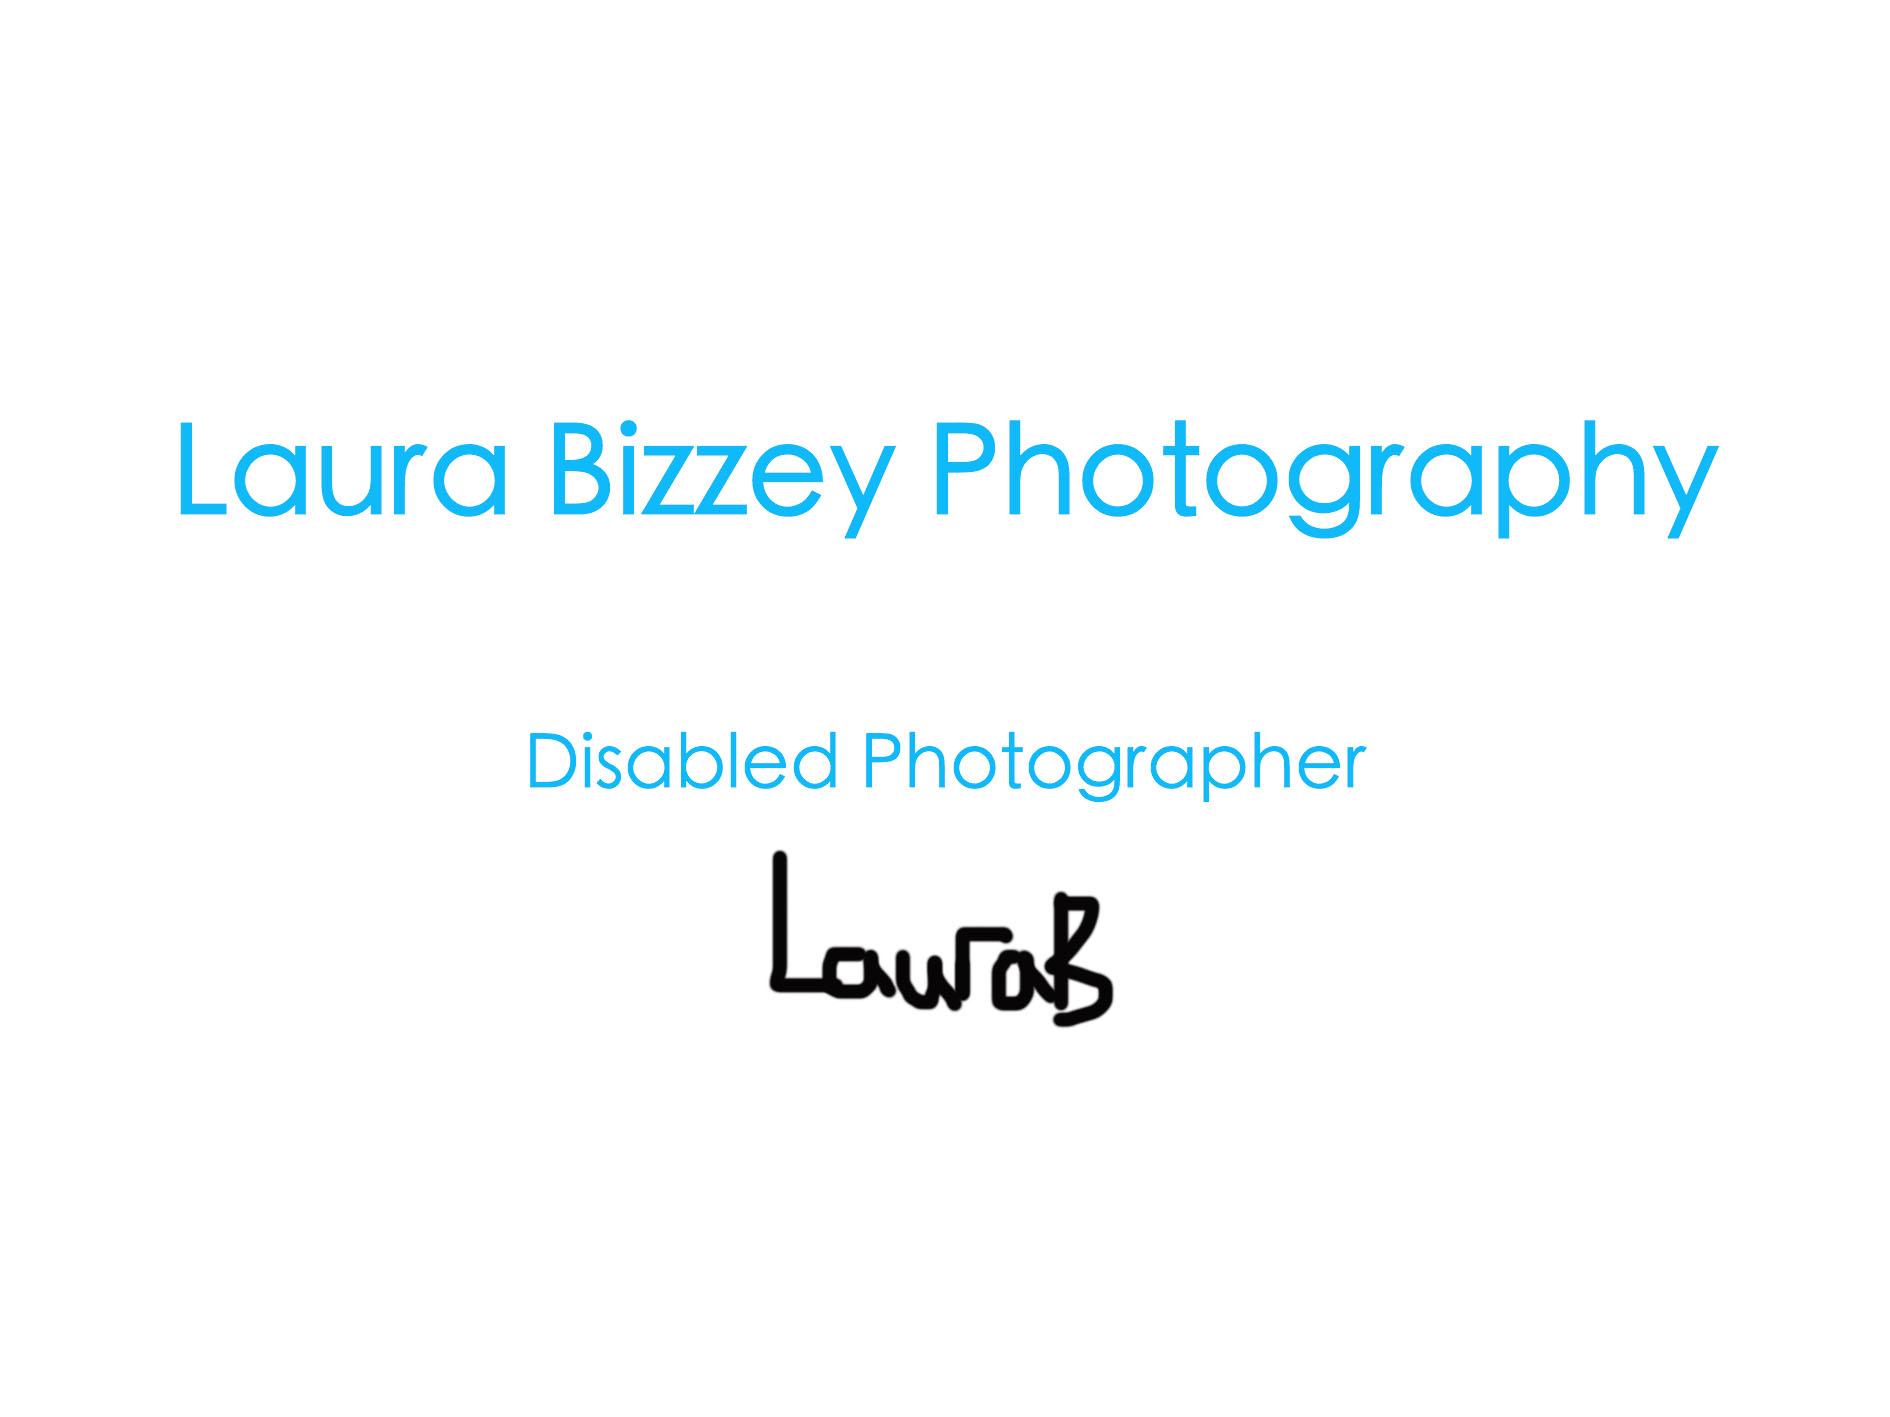 Laura Bizzey Signature